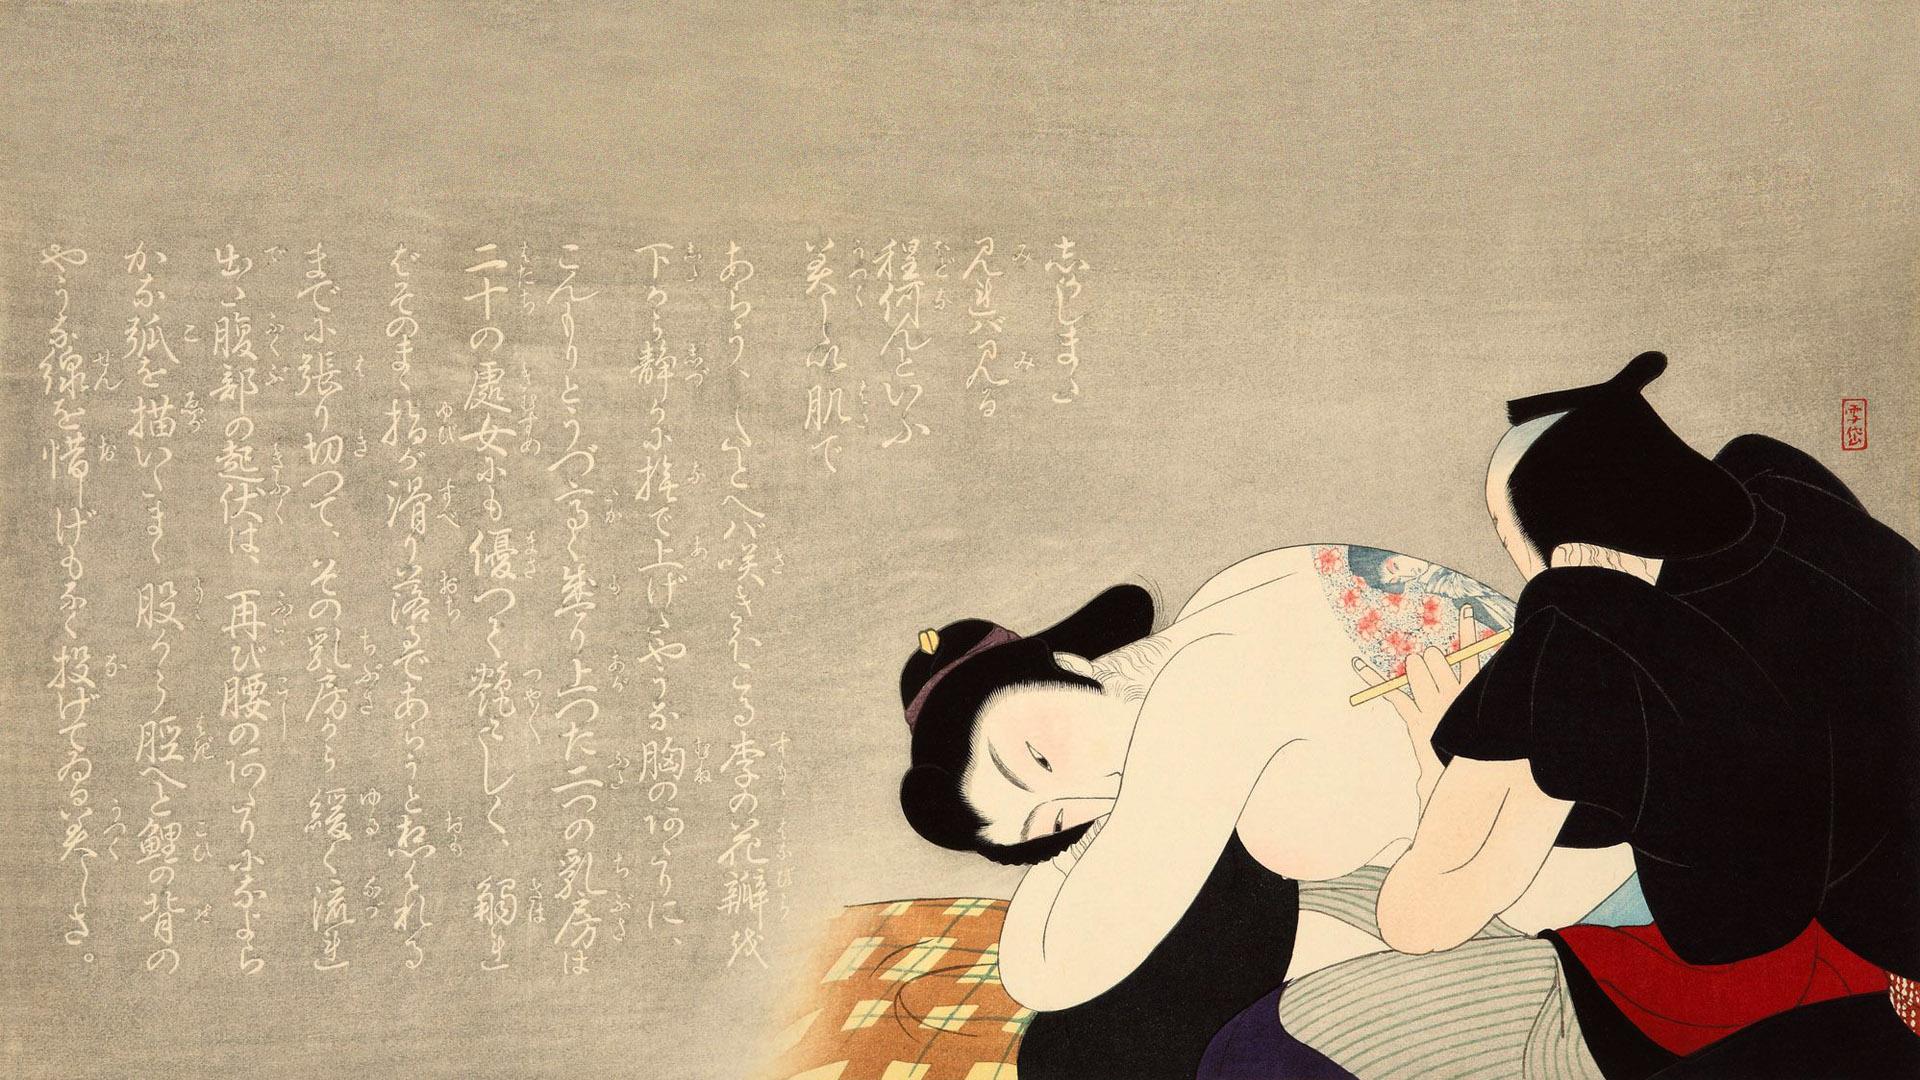 小村雪岱 お傳地獄 刺青 Komura Settai - Oden jigoku irezumi 1920x1080